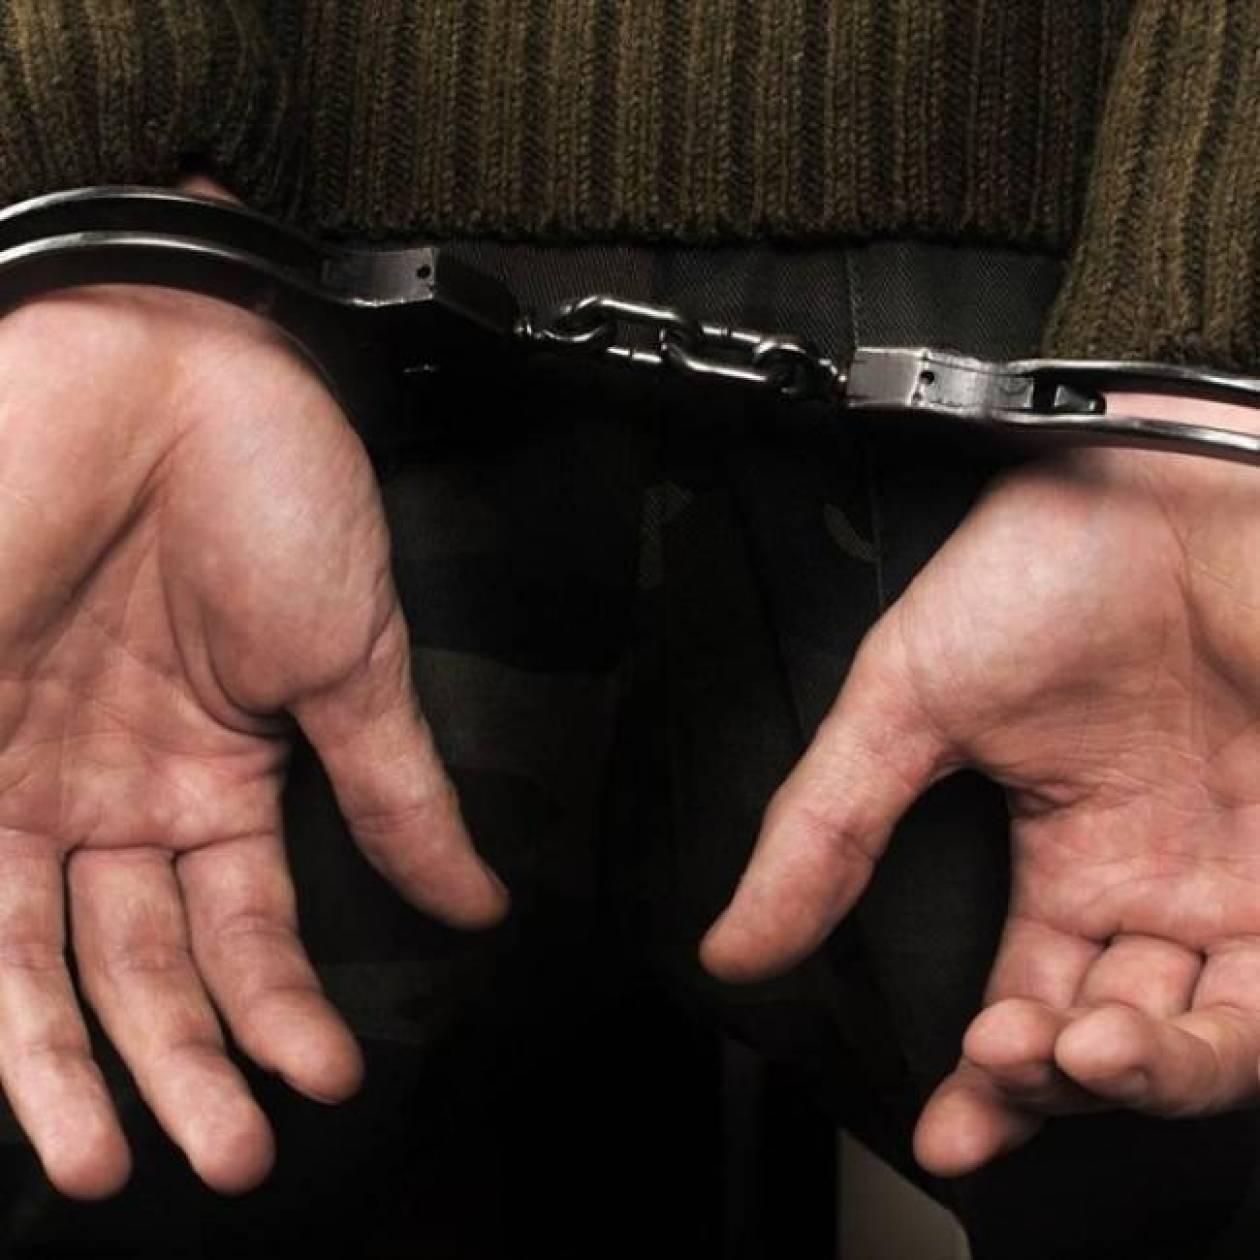 Σύλληψη 44χρονου για απόπειρα ανθρωποκτονίας και αρπαγής